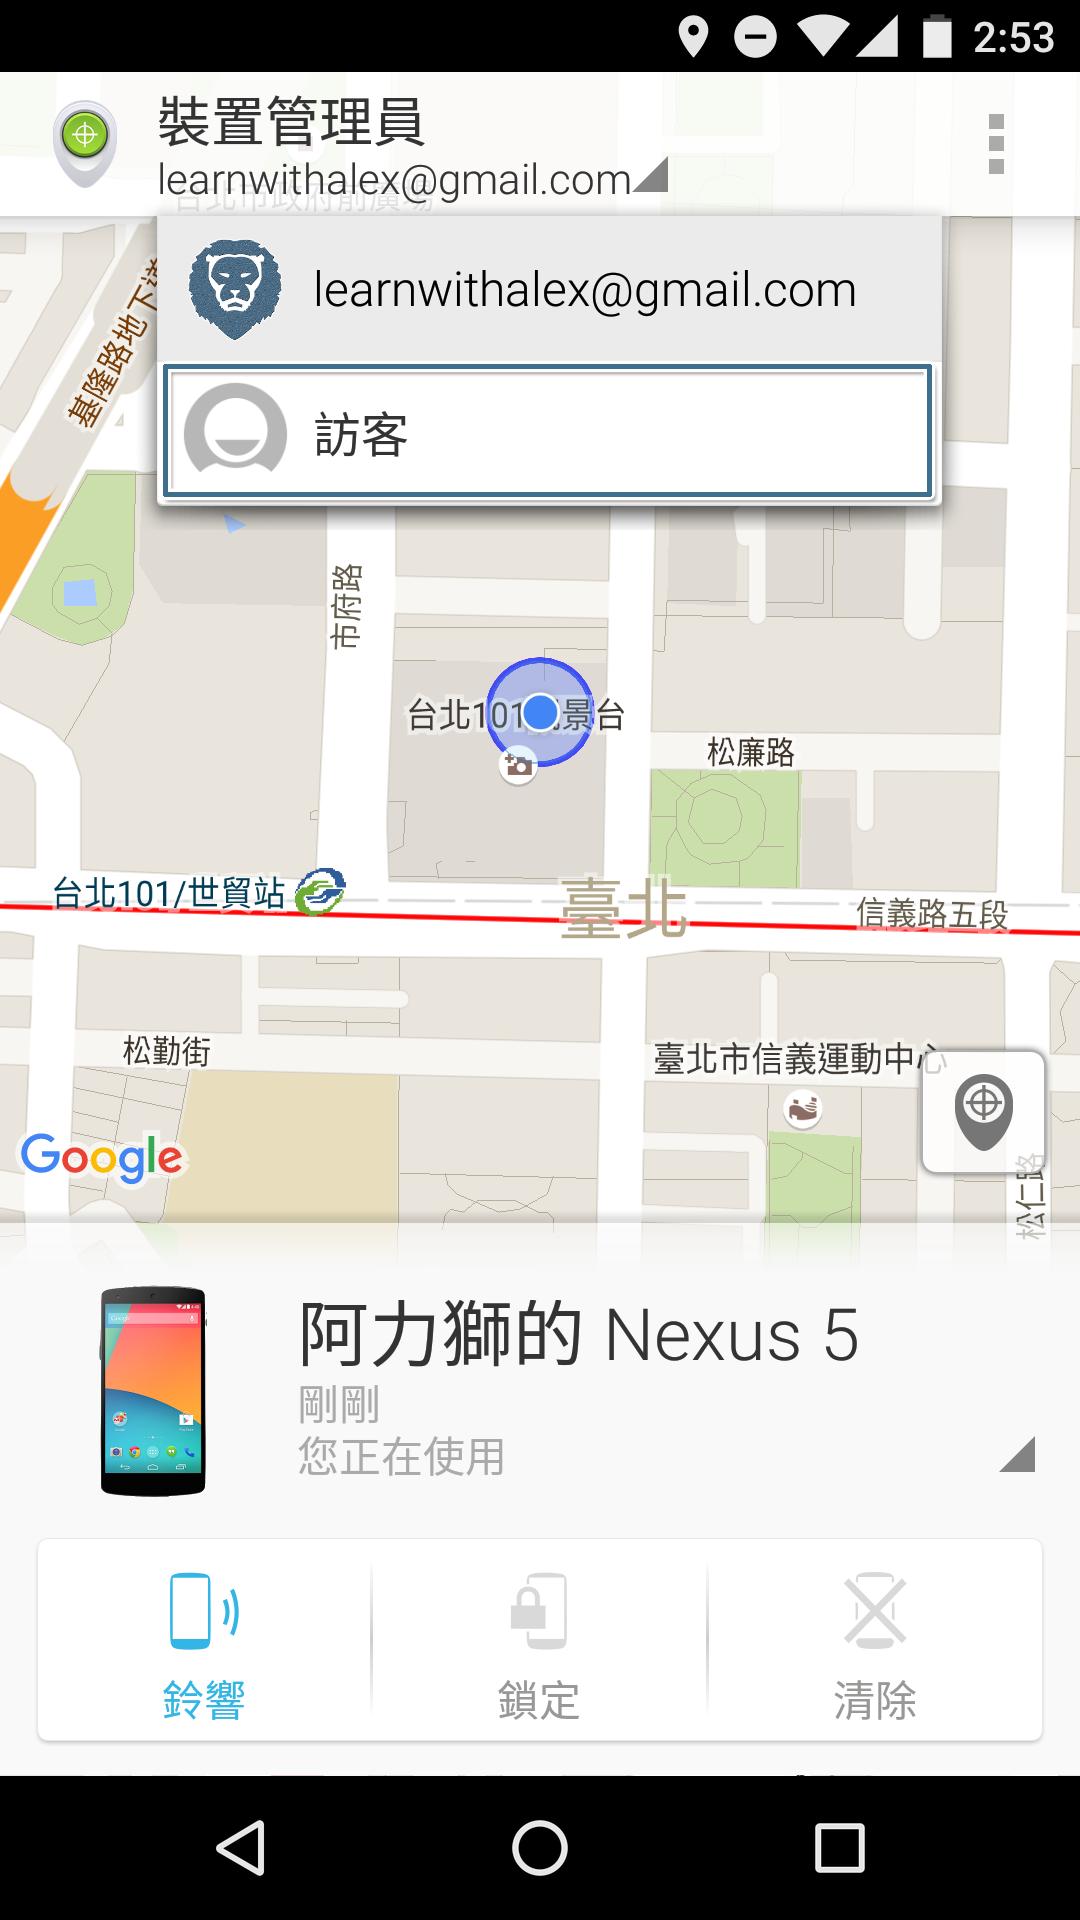 在朋友的 Android 裝置中上的 Android 裝置管理員 App 中使用 [訪客] 模式登入後就能進行操作